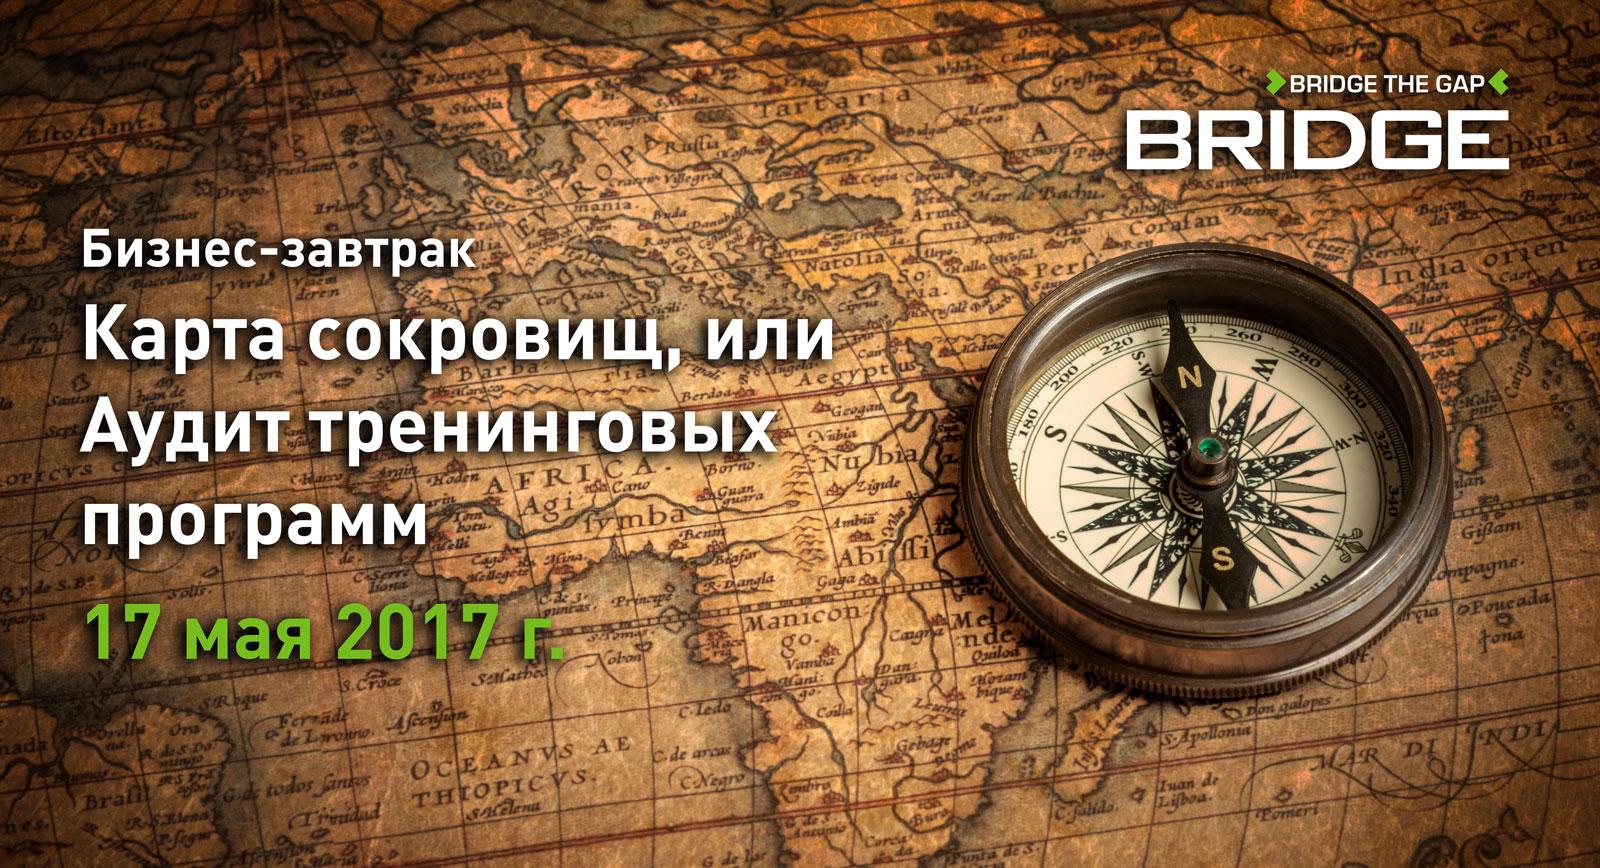 BRIDGE seminar / Бизнес-Завтрак: Карта сокровищ, или аудит тренинговых программ